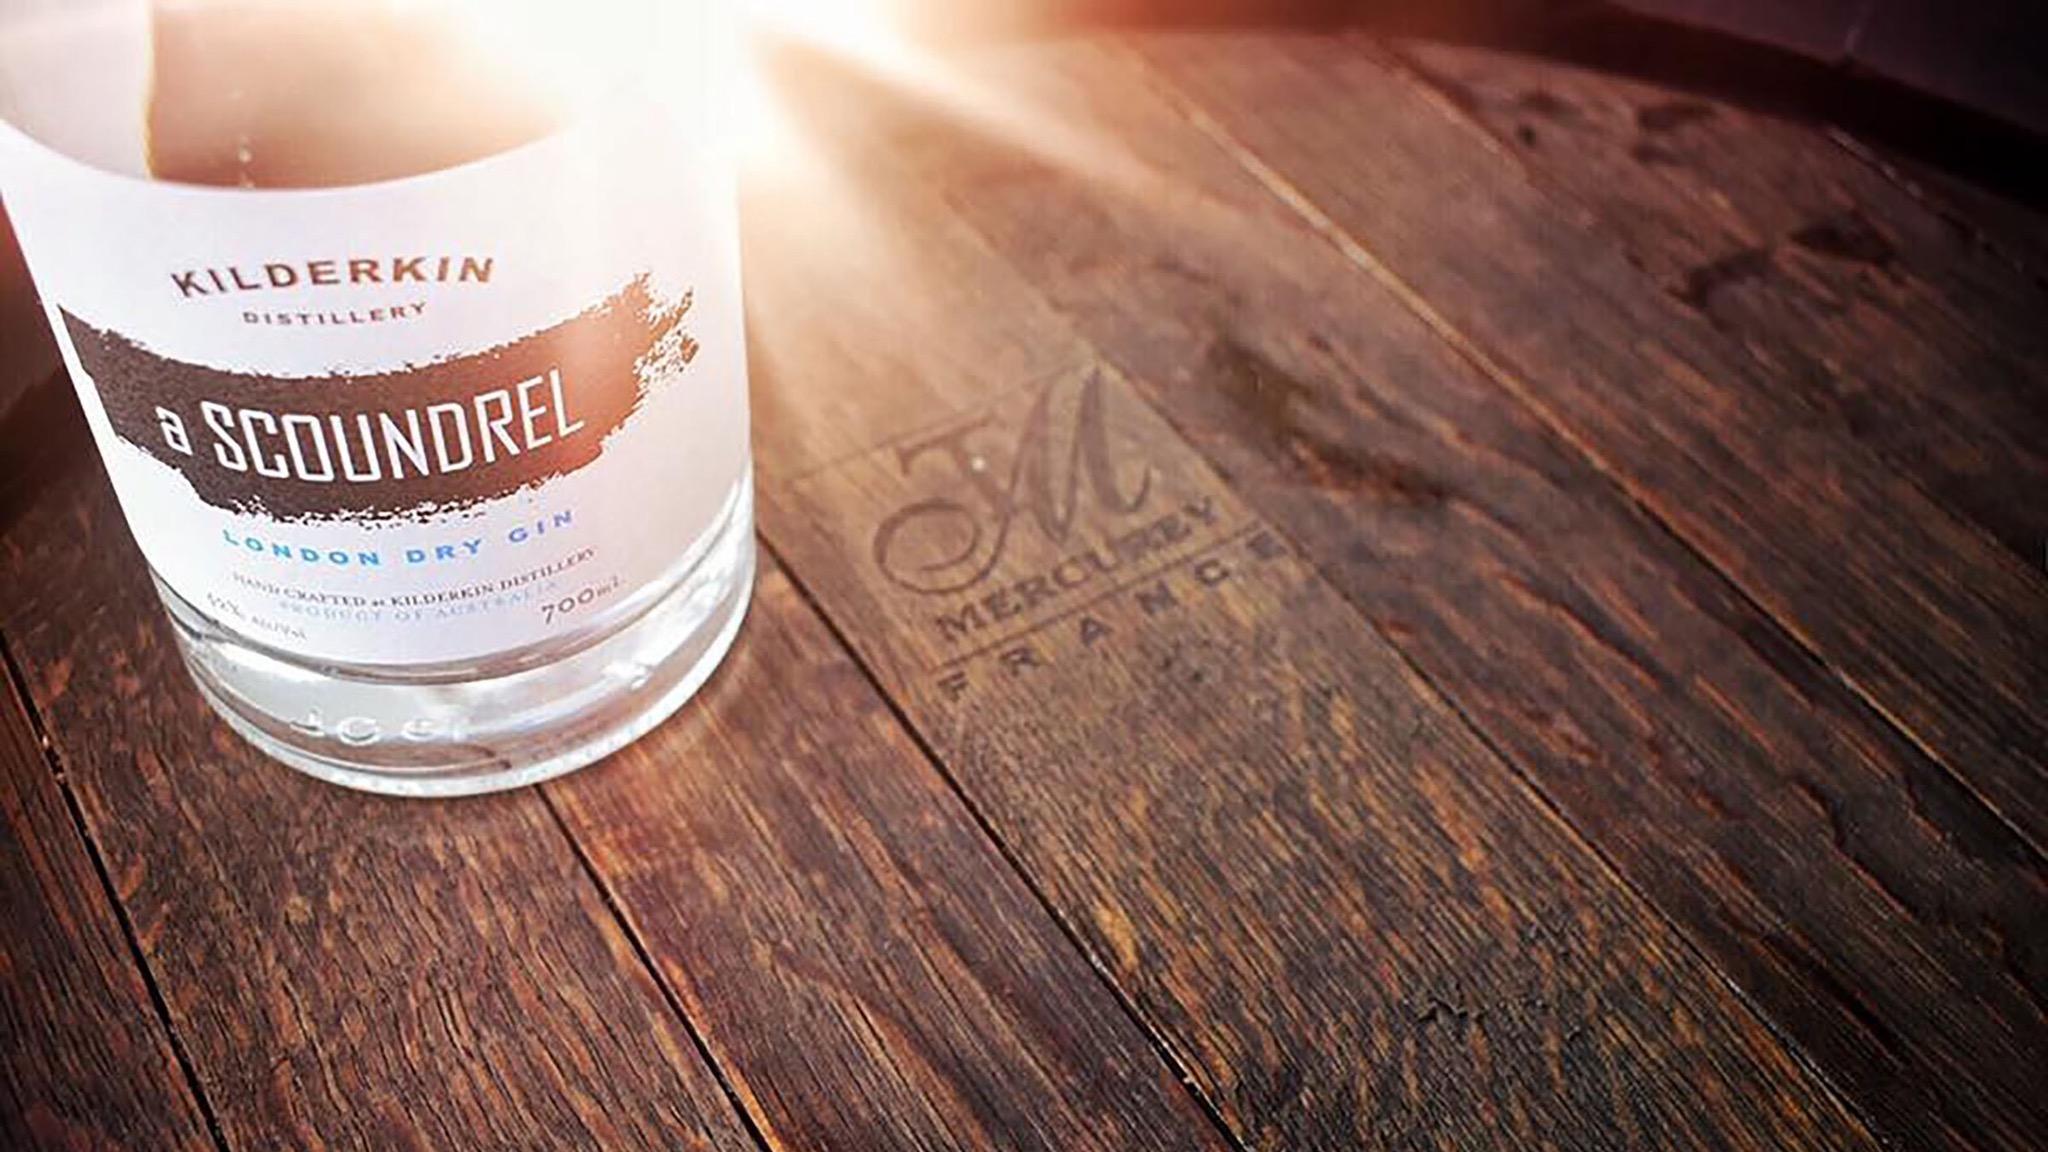 Visit the cellar door for a gin flight at Kilderkin Distillery